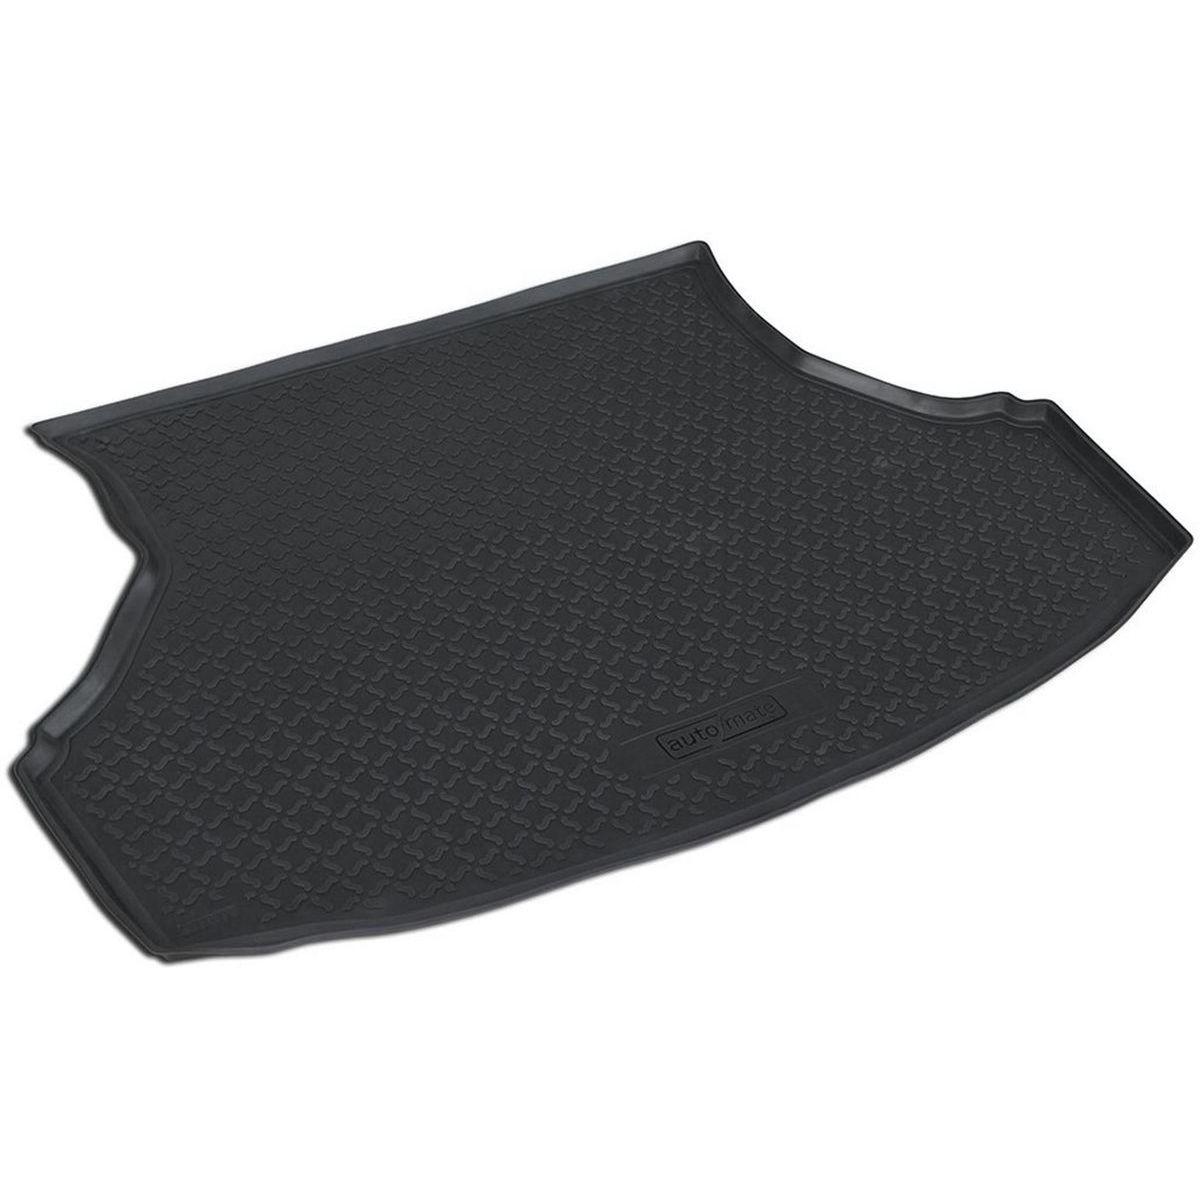 Коврик багажника Rival для Lada Granta (SD) 2011-, полиуретан16001002Коврик багажника Rival позволяет надежно защитить и сохранить от грязи багажный отсек вашего автомобиля на протяжении всего срока эксплуатации, полностью повторяют геометрию багажника.- Высокий борт специальной конструкции препятствует попаданию разлившейся жидкости и грязи на внутреннюю отделку.- Произведены из первичных материалов, в результате чего отсутствует неприятный запах в салоне автомобиля.- Рисунок обеспечивает противоскользящую поверхность, благодаря которой перевозимые предметы не перекатываются в багажном отделении, а остаются на своих местах.- Высокая эластичность, можно беспрепятственно эксплуатировать при температуре от -45 ?C до +45 ?C.- Изготовлены из высококачественного и экологичного материала, не подверженного воздействию кислот, щелочей и нефтепродуктов. Уважаемые клиенты!Обращаем ваше внимание,что коврик имеет формусоответствующую модели данного автомобиля. Фото служит для визуального восприятия товара.